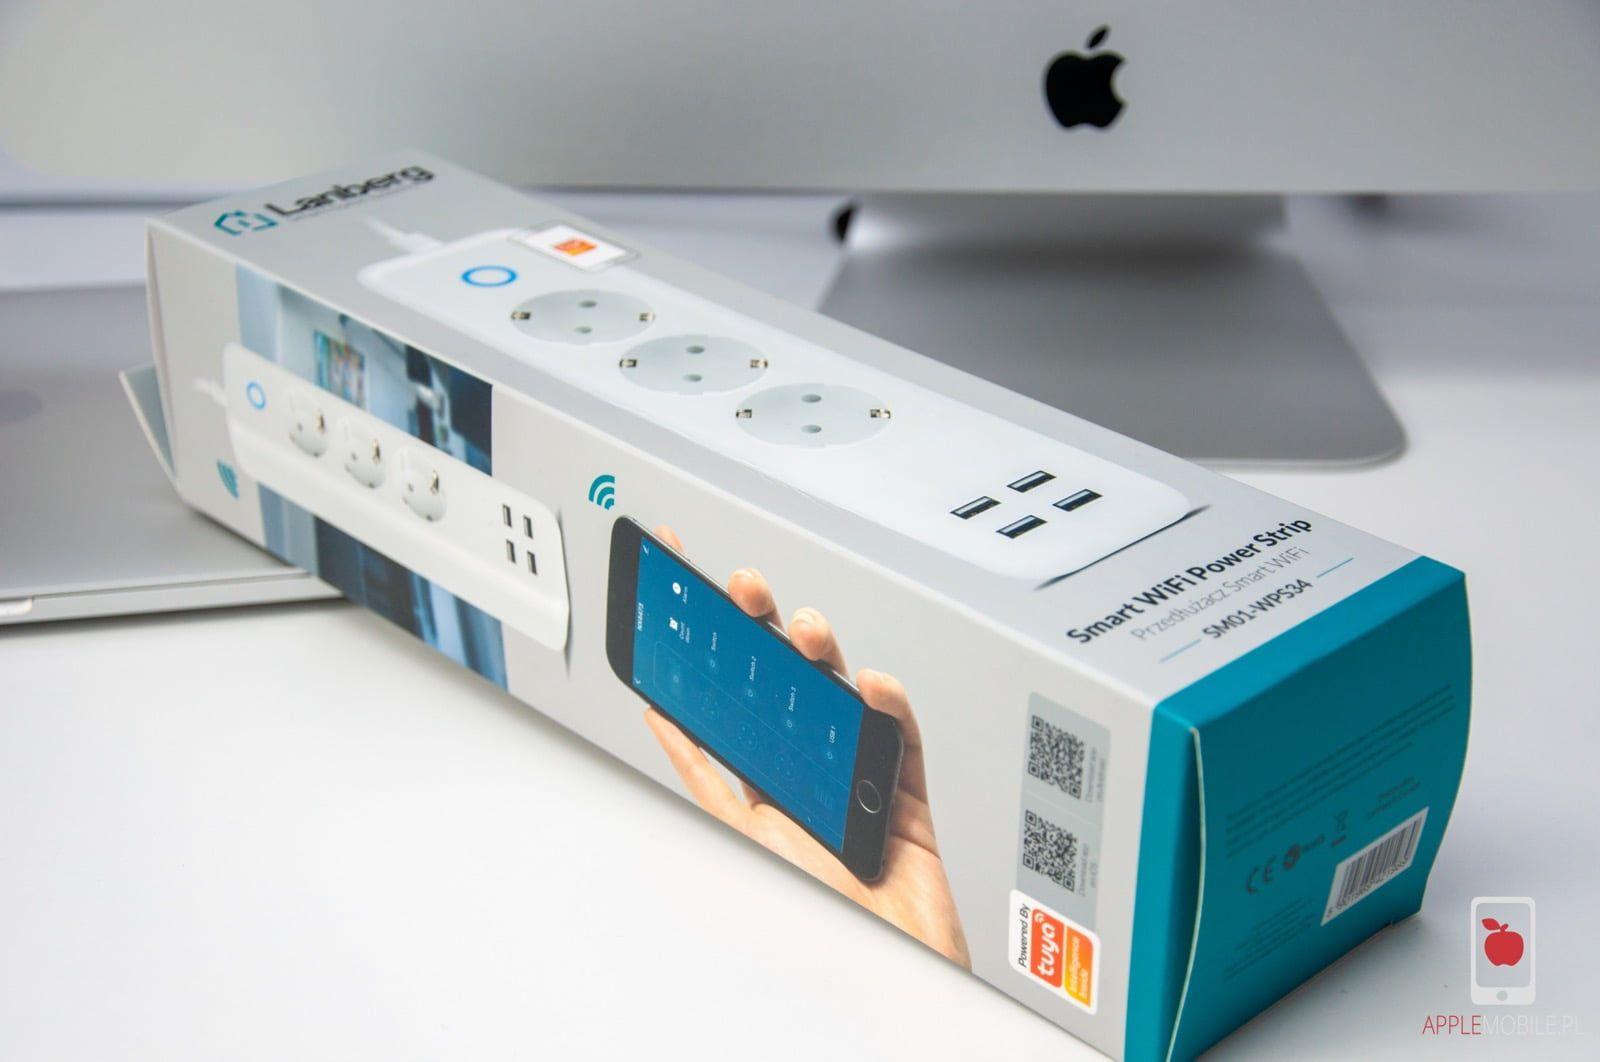 Recenzja Lanberg Smart WiFI Power Strip | listwa zasilającą smart home z pomiarem zużycia energii i sterowaniem za pomocą Siri